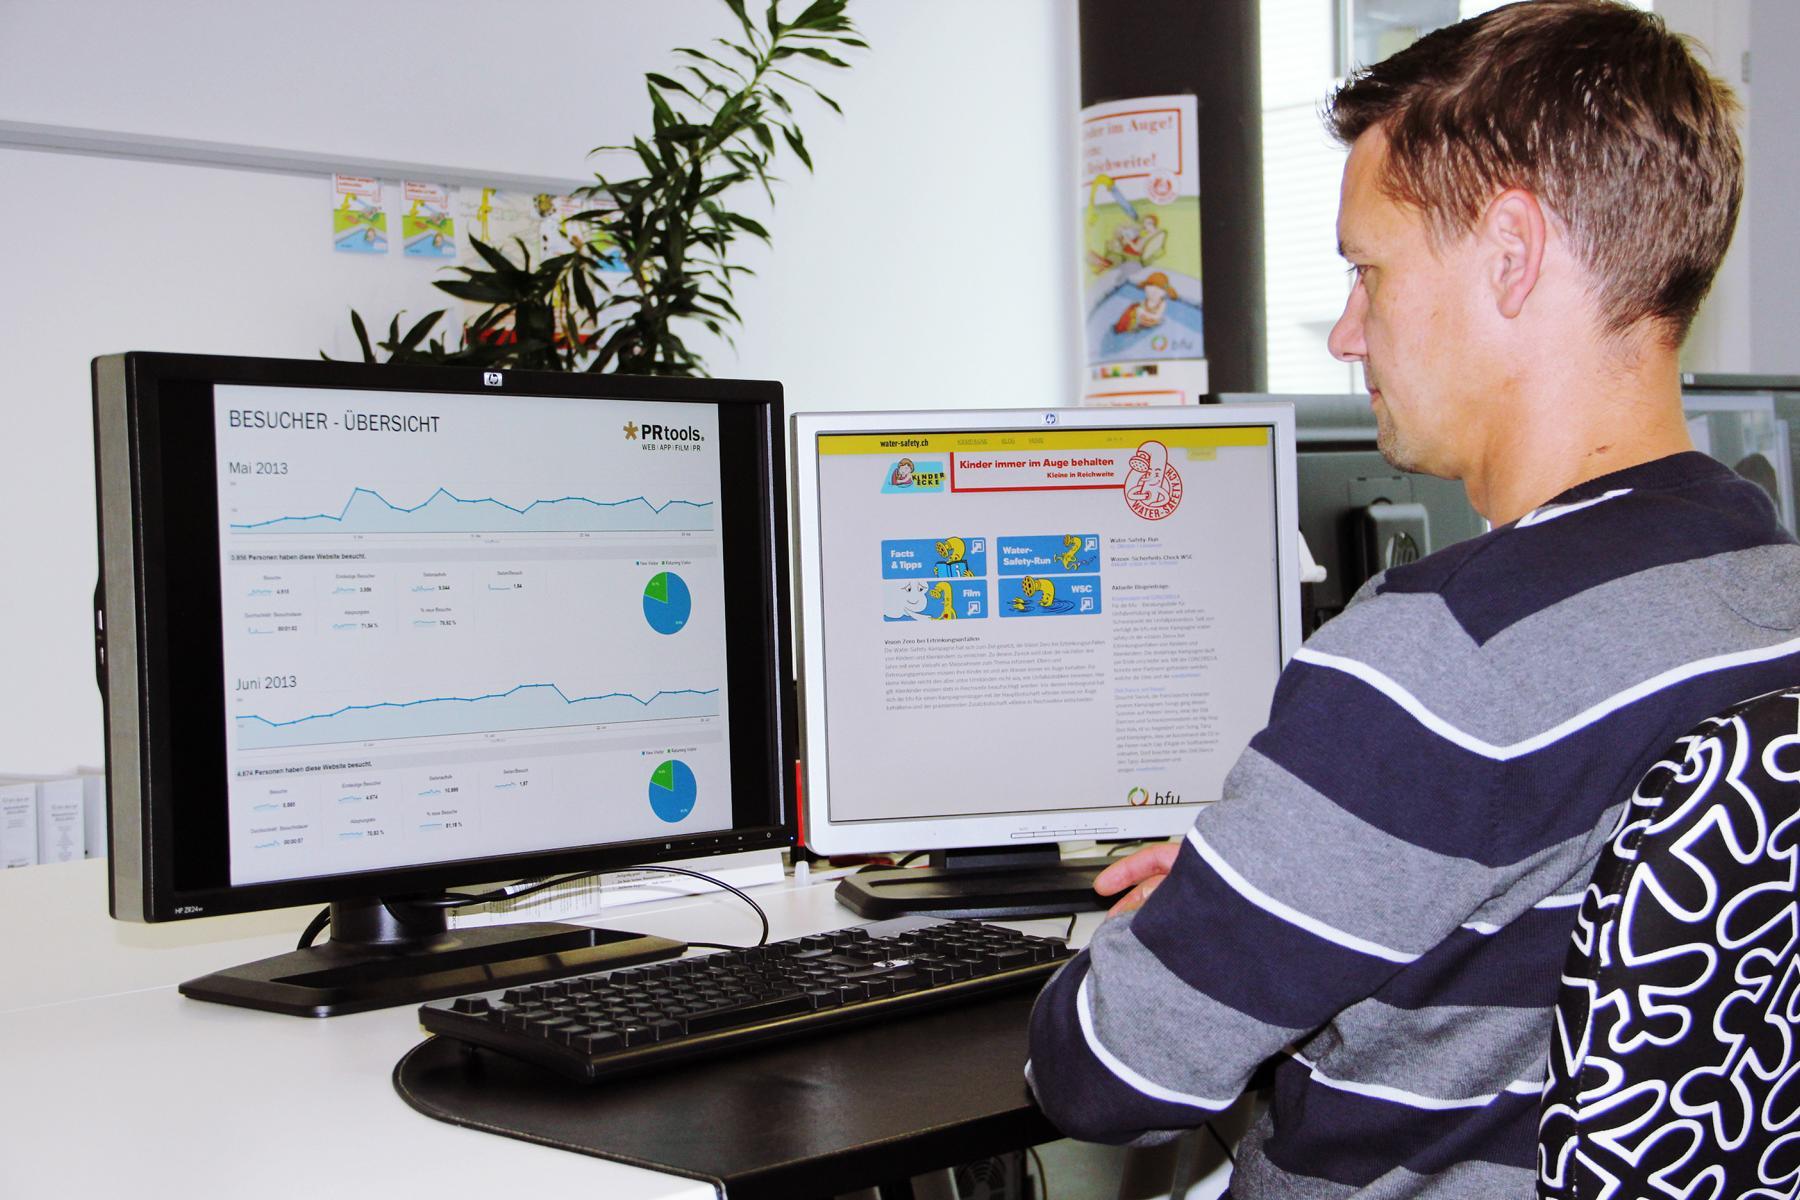 Online PR water-safety.ch: Marcel Hohl der Senior Web & App Developer von der PRtools GmbH beim auswerten und Programmieren des Webauftrittes der Water-Safety-Kampagne. Mit Online-Marketing-Aktivitäten sollen die Präventionsbotschaften der Water-Safety-Kampagne einem grösseren Publikum zugänglich gemacht werden. Anzeigengruppen-spezifische Textanzeigen, animierte Display-Anzeigen oder auch Facebook-Anzeigen generieren grosse Aufmerksamkeit.